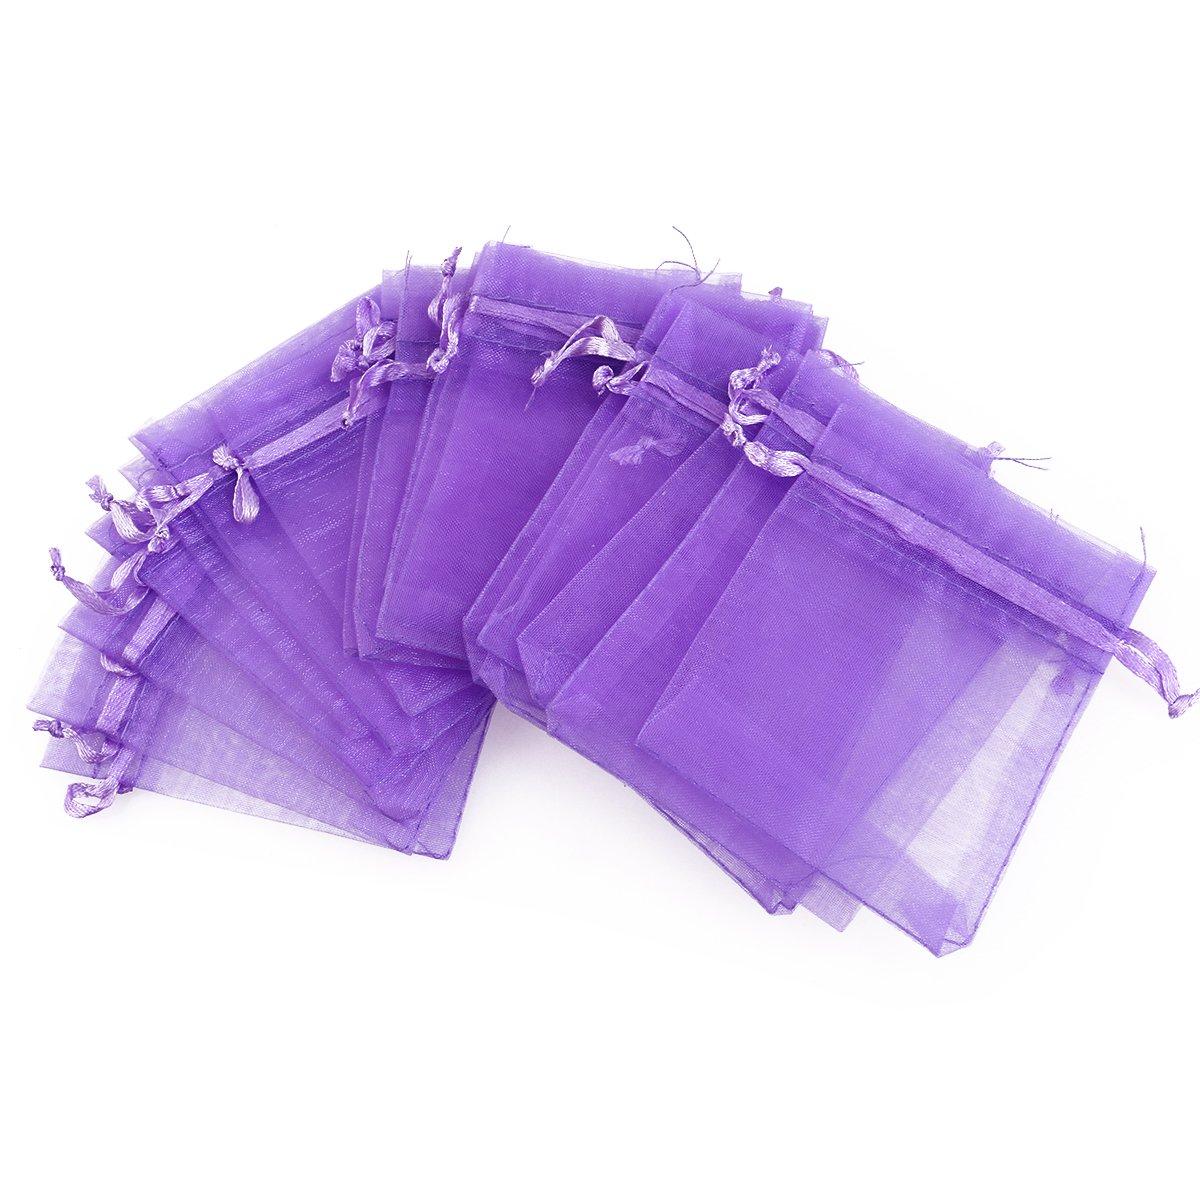 violet clair Pack de 100 9cm Organza cordon cadeau sacs faveur de mariage sacs bijoux sachets PIXNOR 7